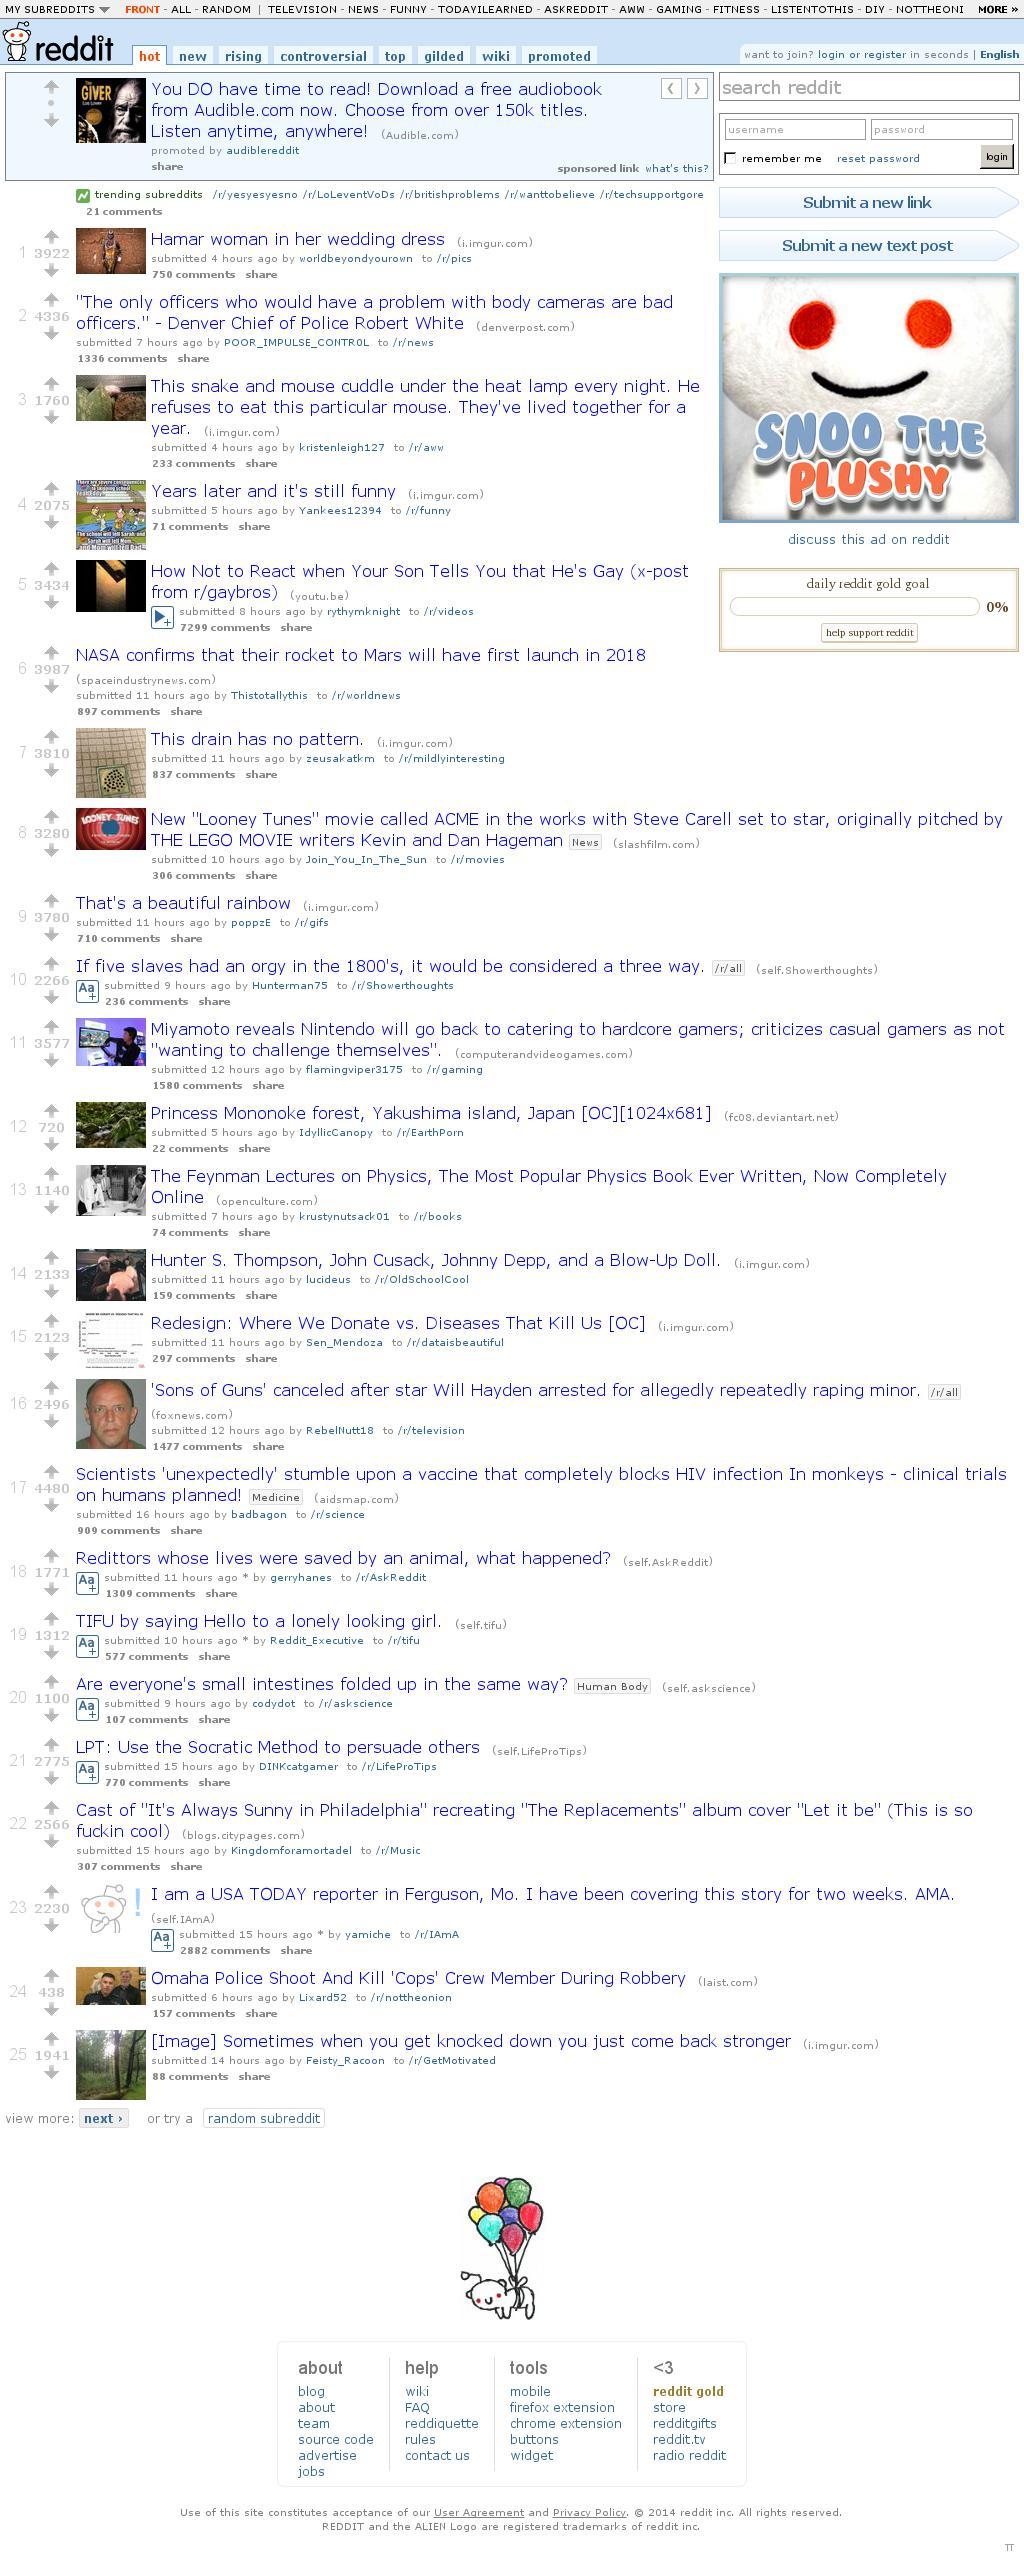 Reddit at Thursday Aug. 28, 2014, 7:15 a.m. UTC